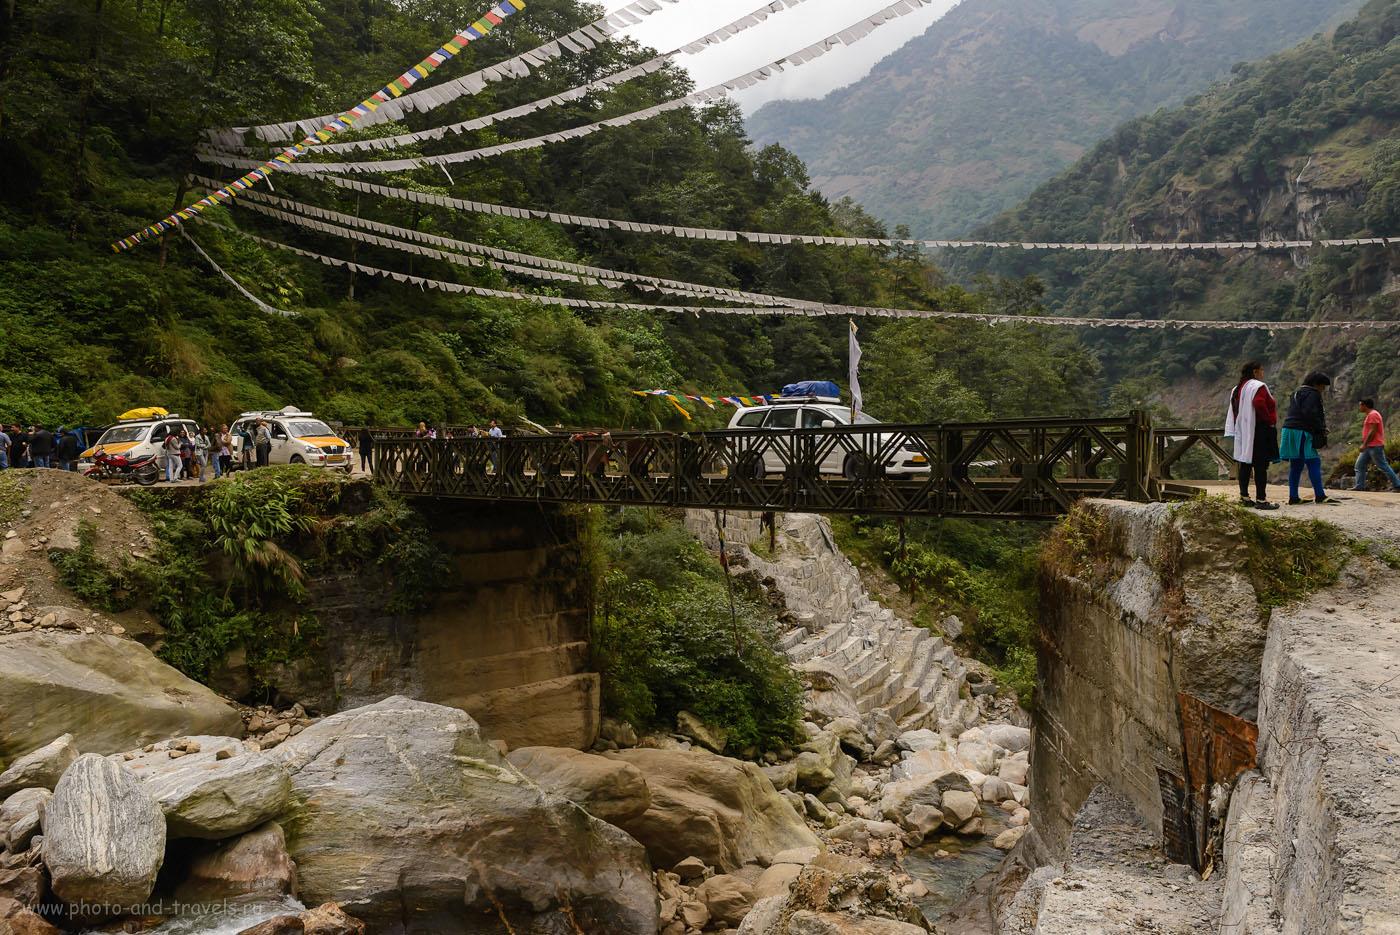 Фотография 6. Мост над ущельем в Гималаях в Индии. Что можно увидеть во время поездки в Yumthang Valley. Отзывы туристов о самостоятельном путешествии по штату Сикким. 8.0, 1/80, 1000, -0.7EV, 26.